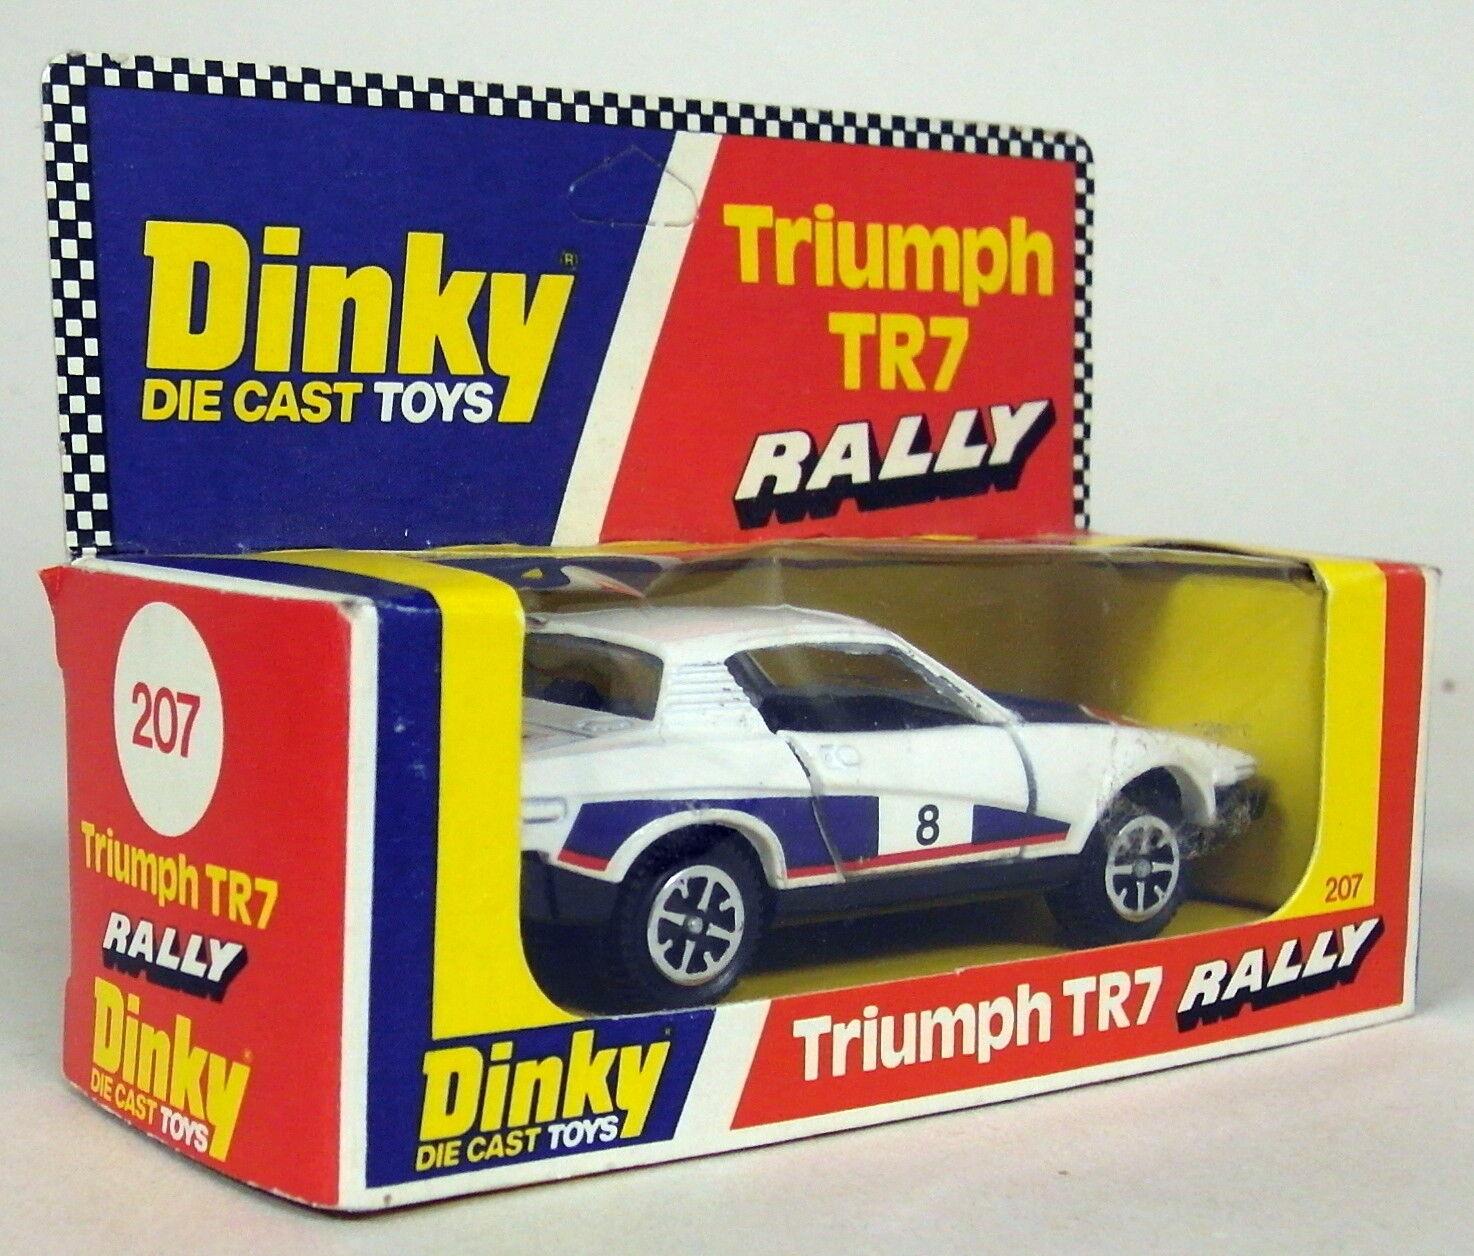 DINKY TOYS 1 43 env. échelle vintage 207 Triumph TR7 Rallye Race Car + boîte d'origine